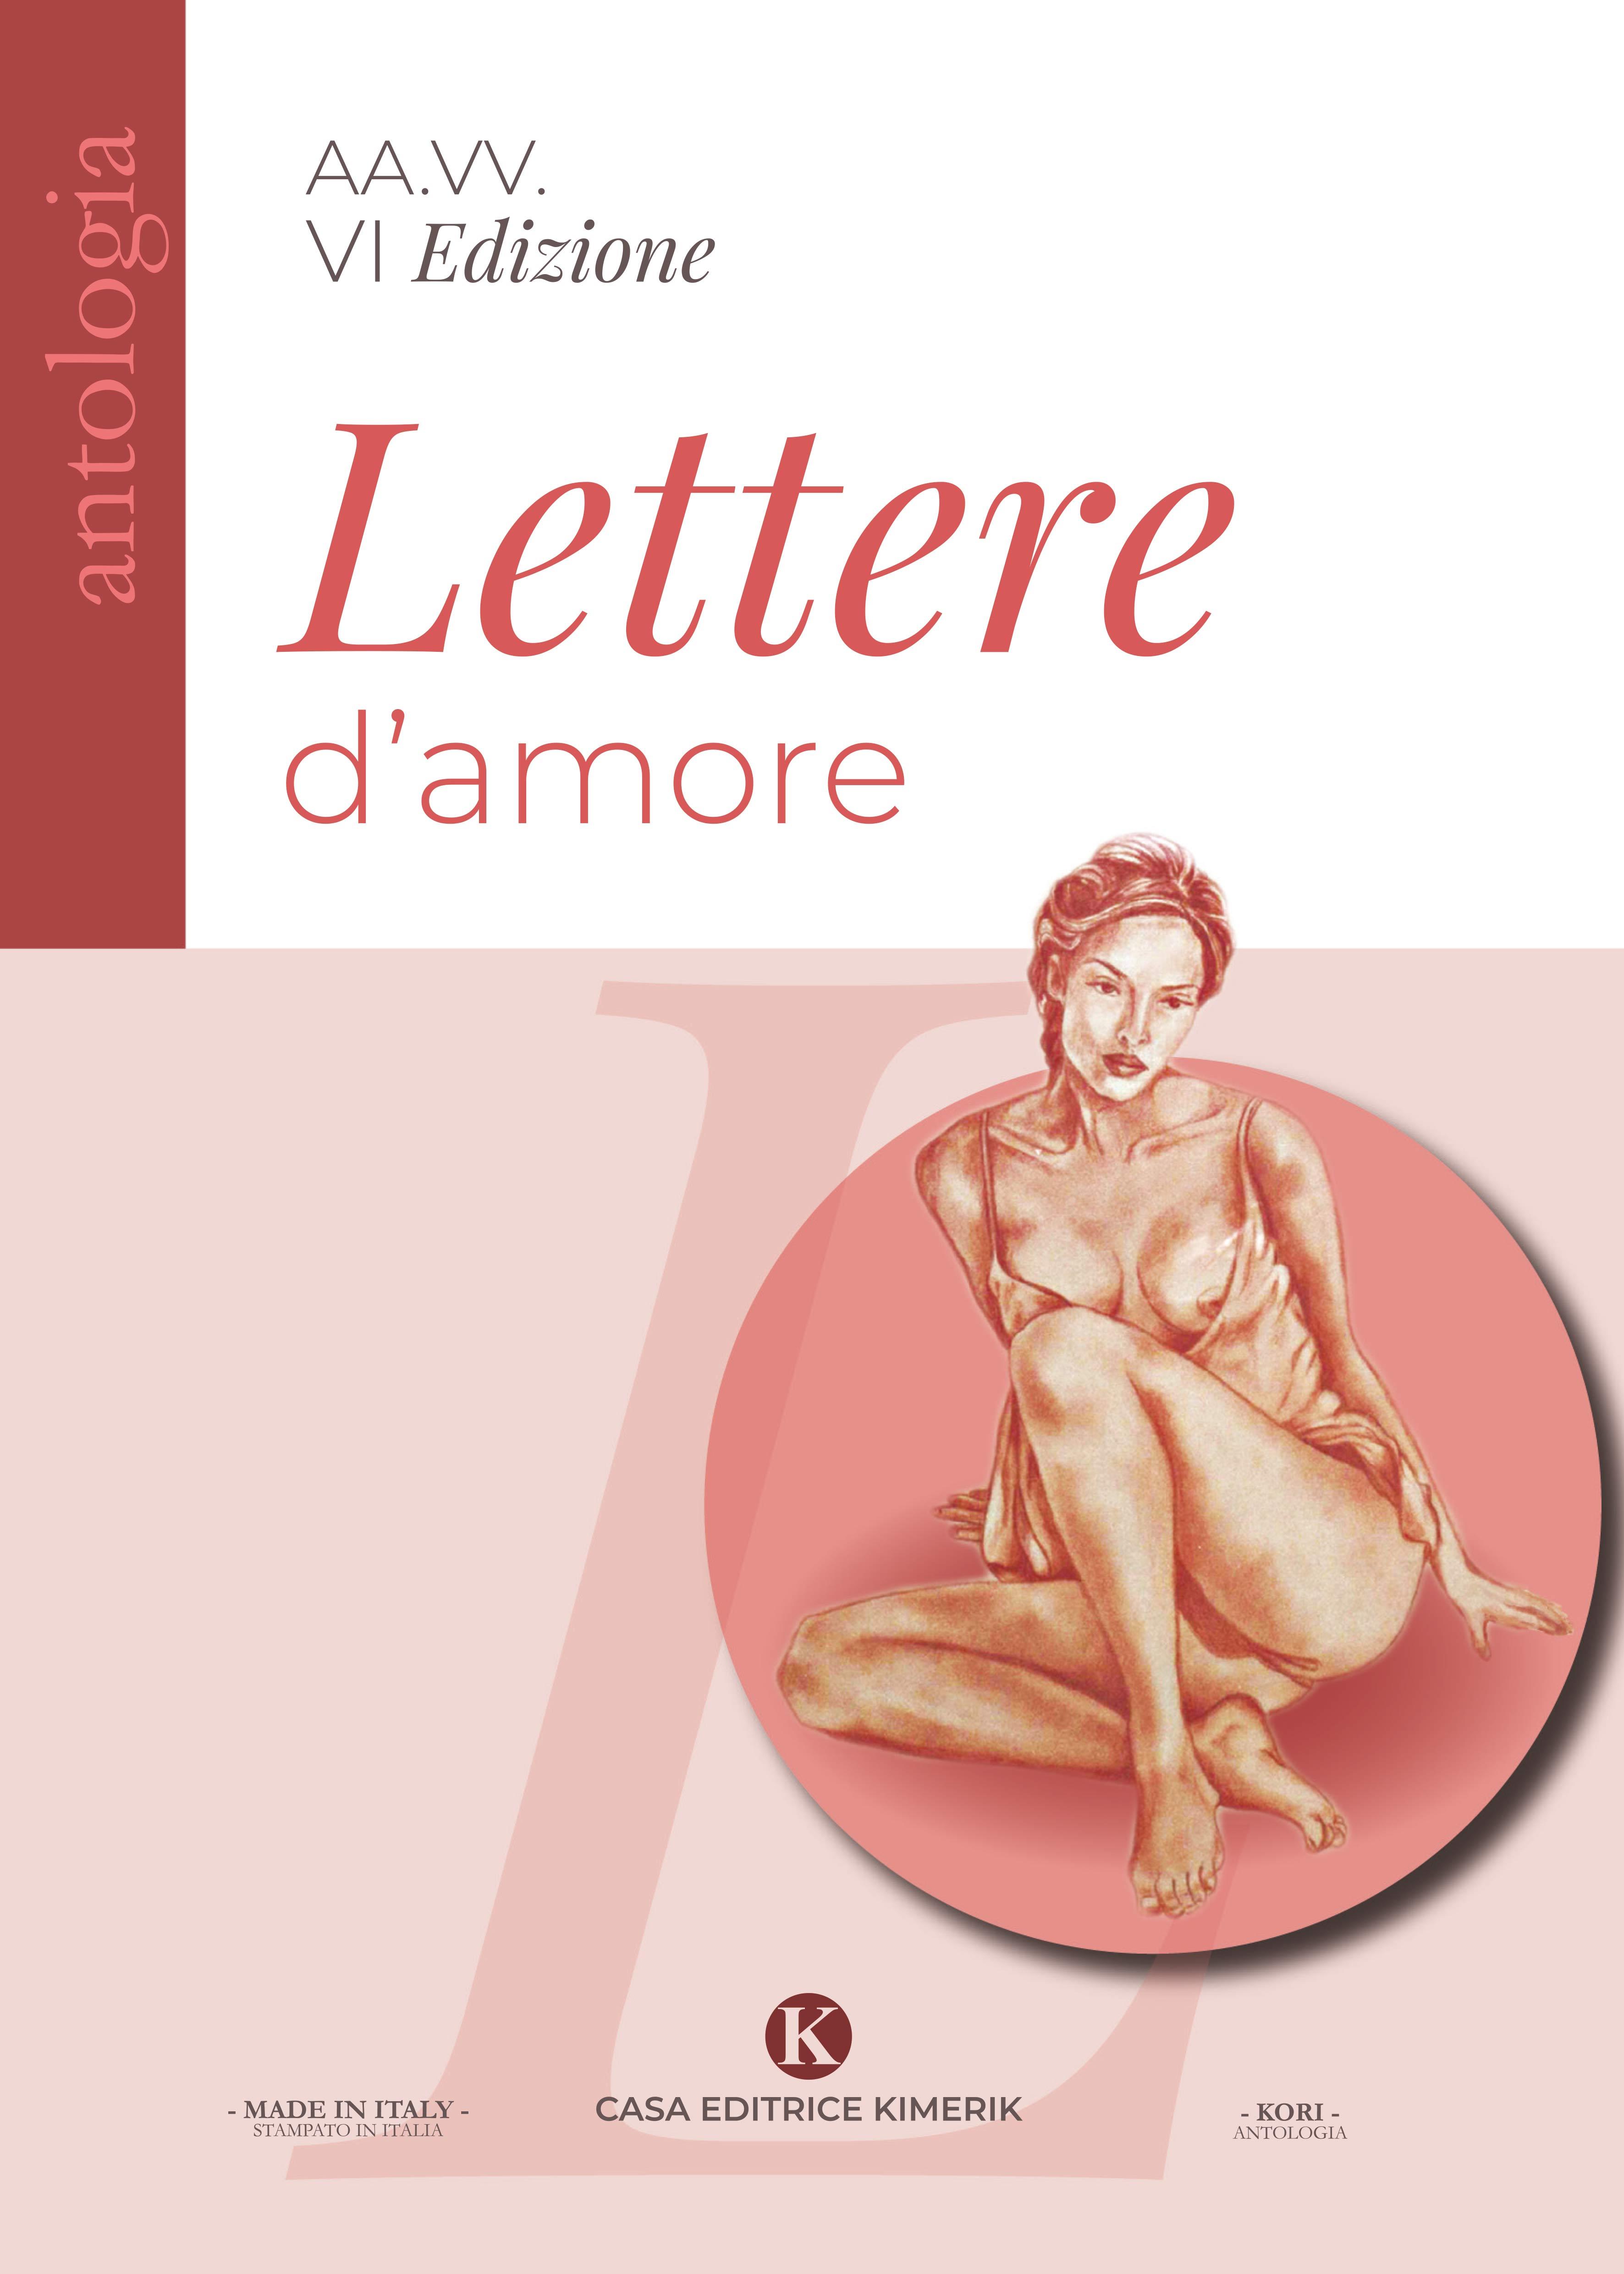 Lettere d'amore - VI Edizione